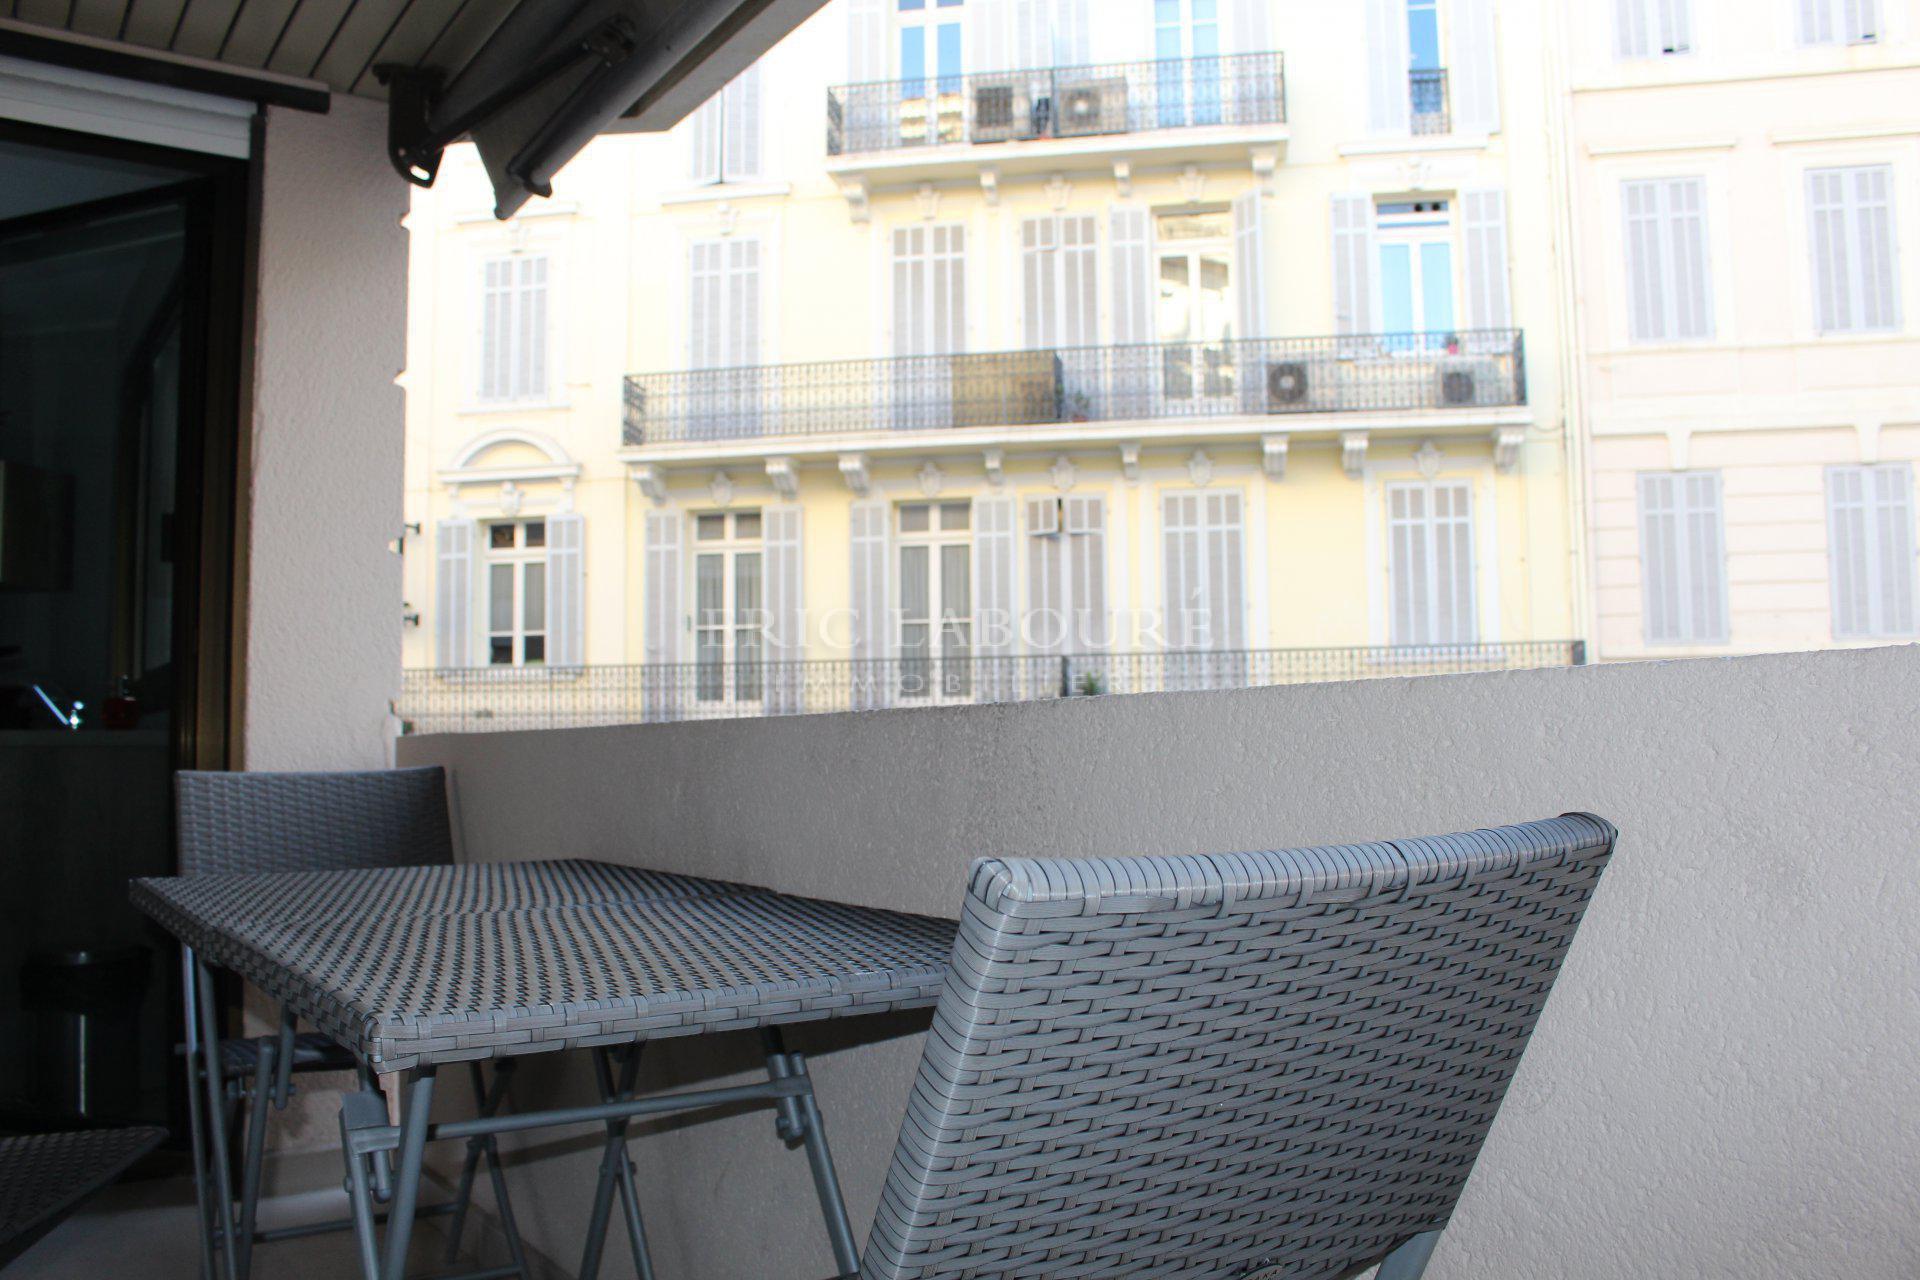 Location saisonnière - Cannes rue d'Antibes.